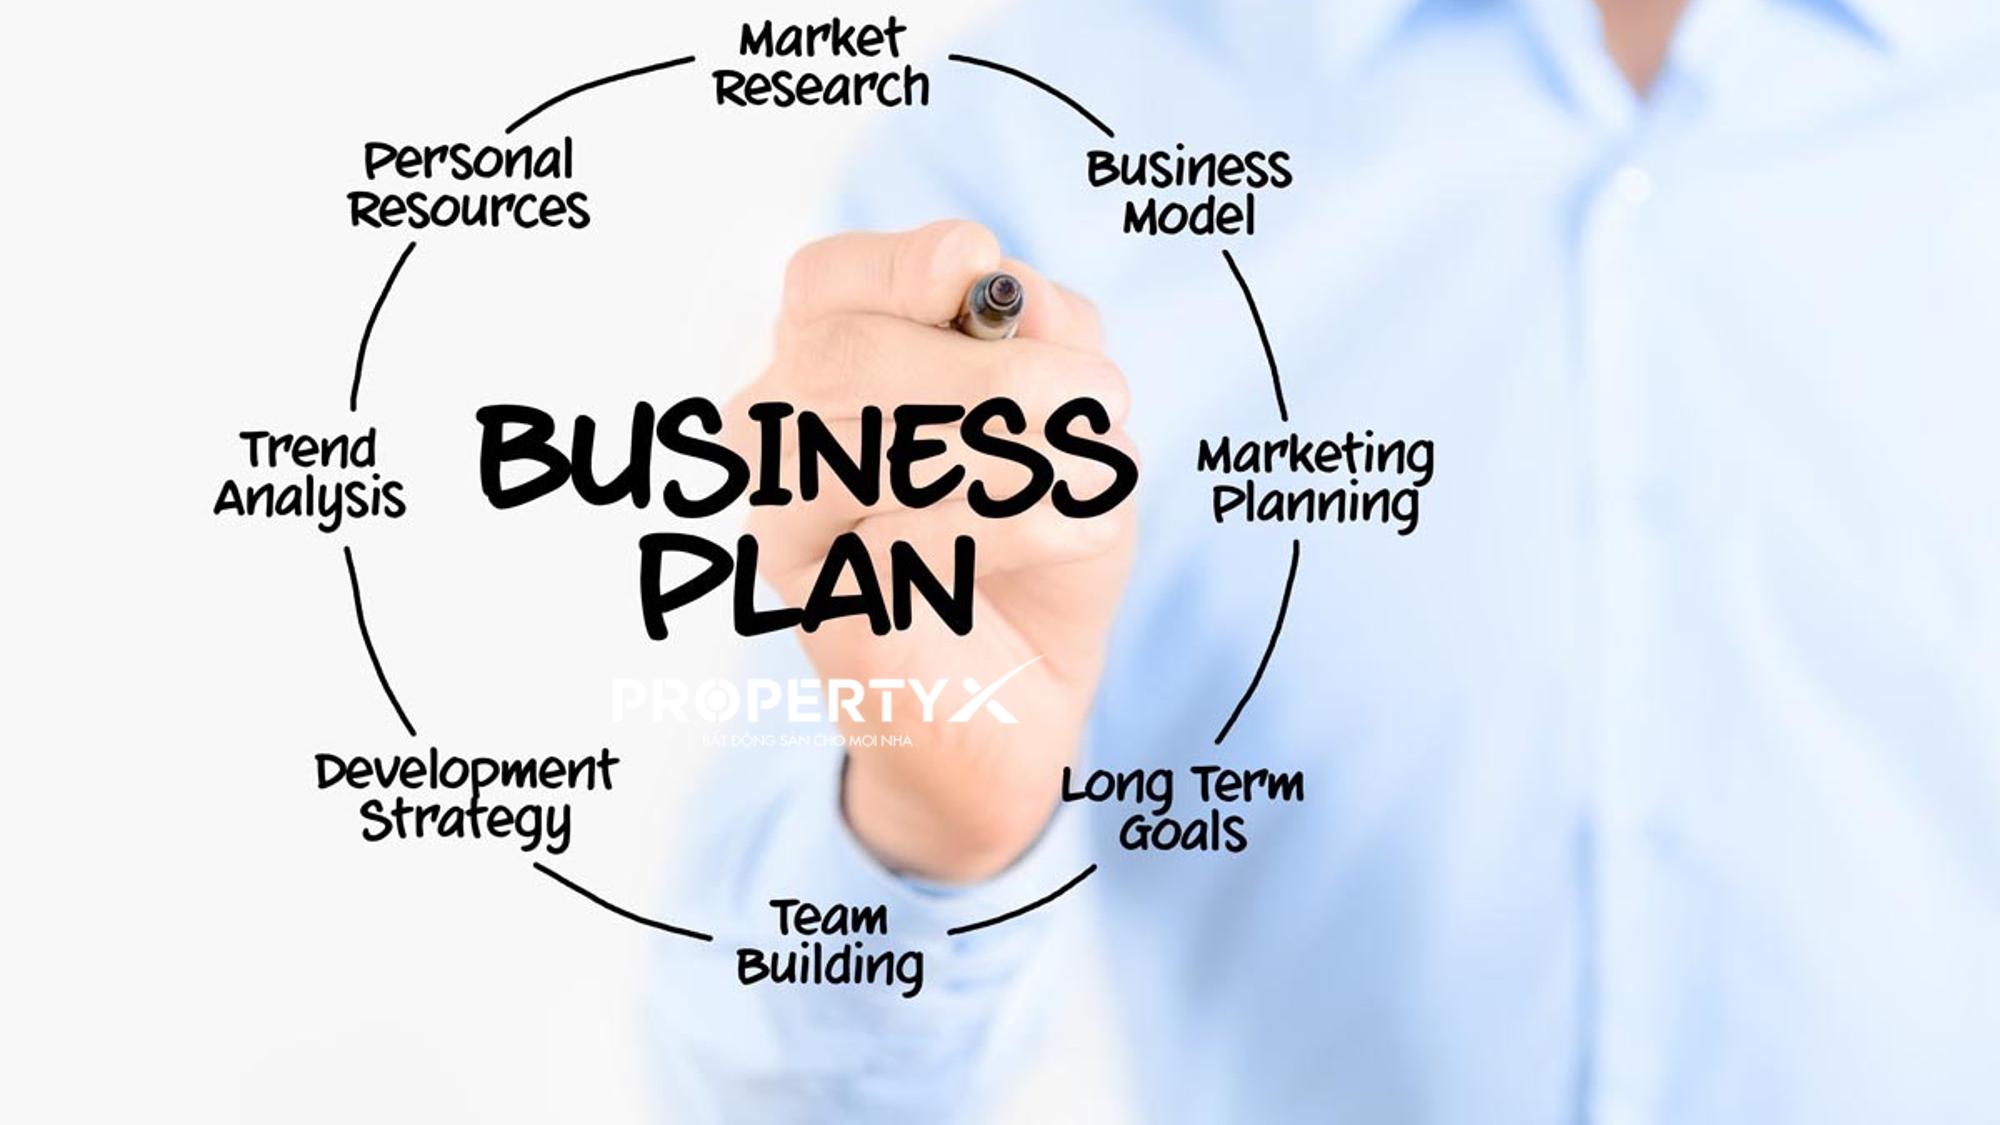 Chào mừng PropertyX – Thành viên mới của Tập Đoàn Hưng Thịnh.PropertyXhoạt động trong lĩnh vực tiếp thị và phân phối